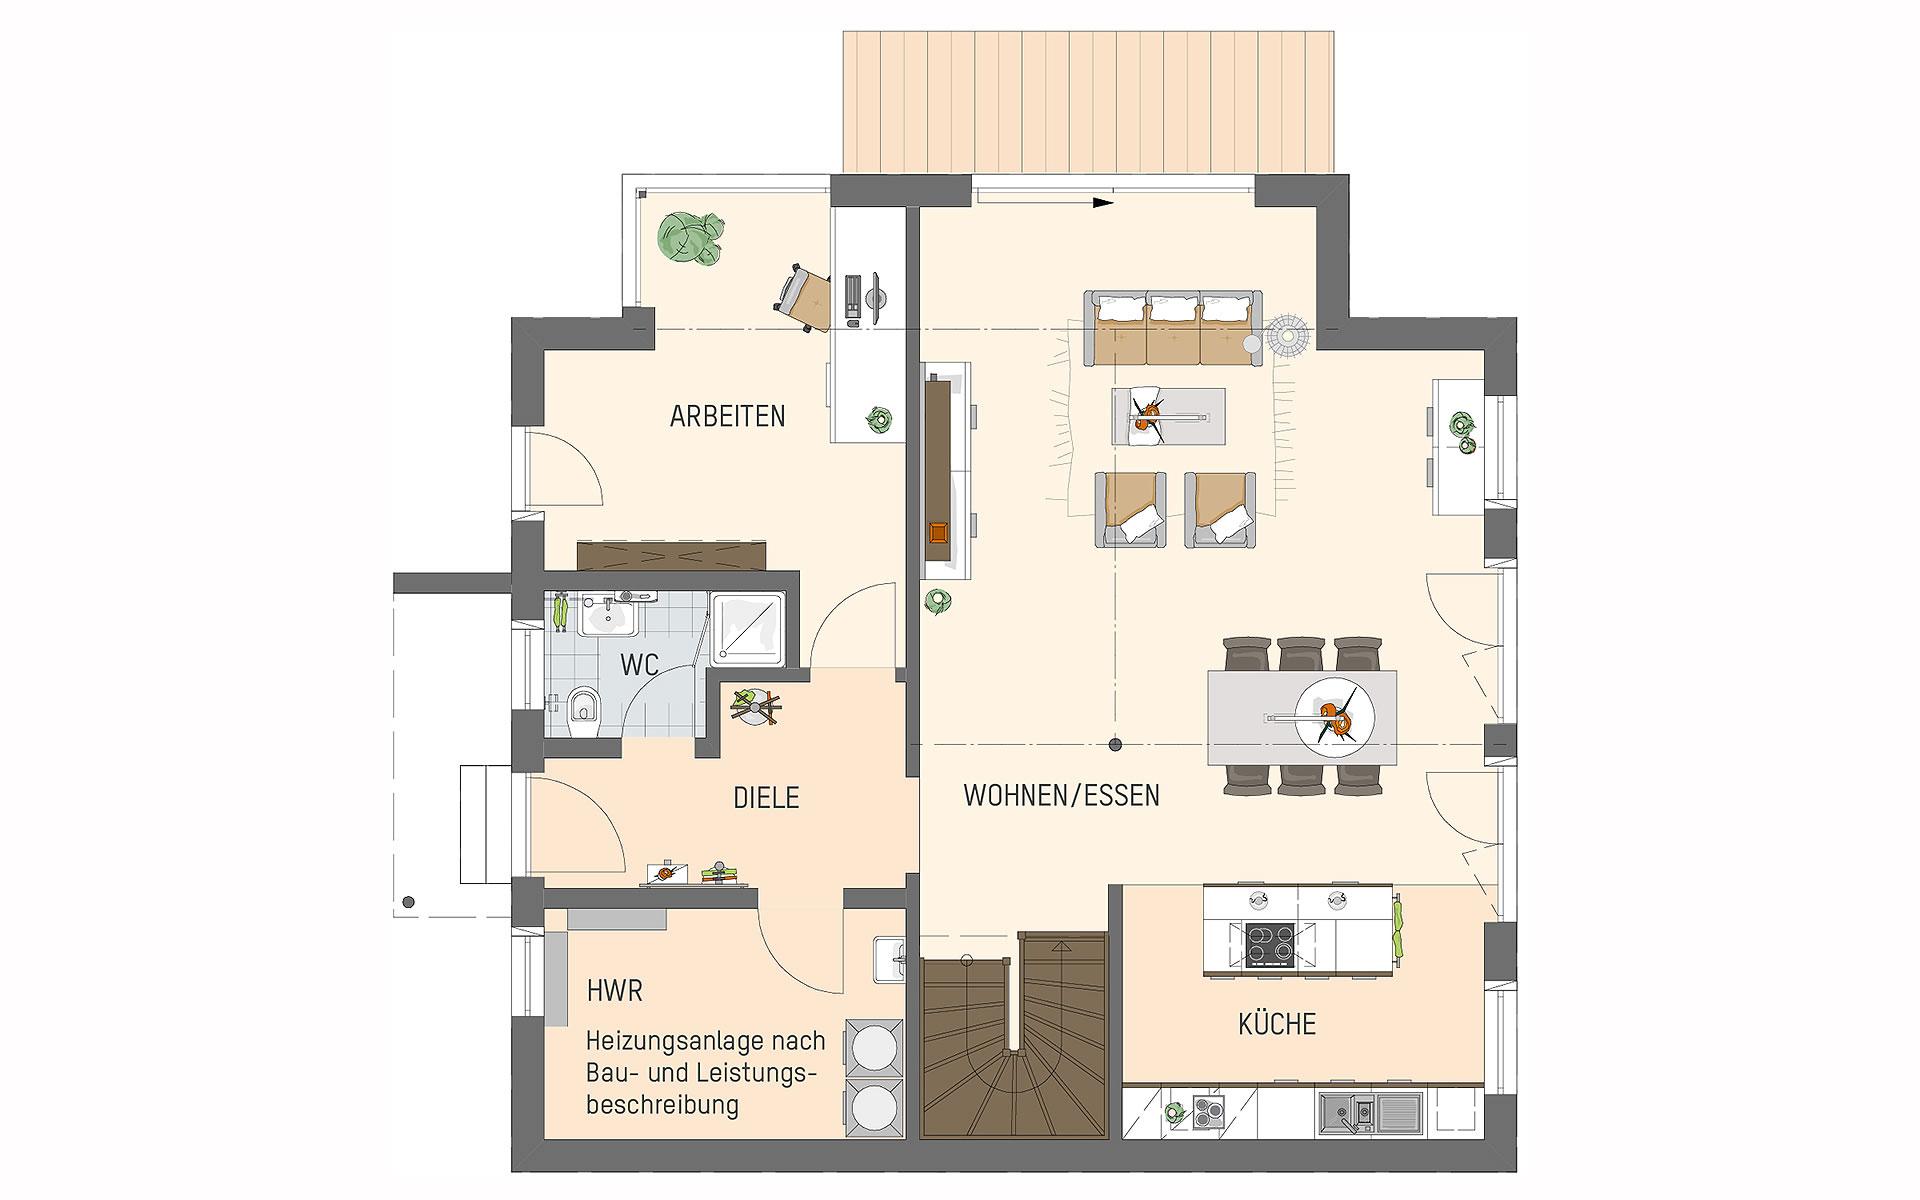 Erdgeschoss MEDLEY 3.0 - Musterhaus Kassel von FingerHaus GmbH